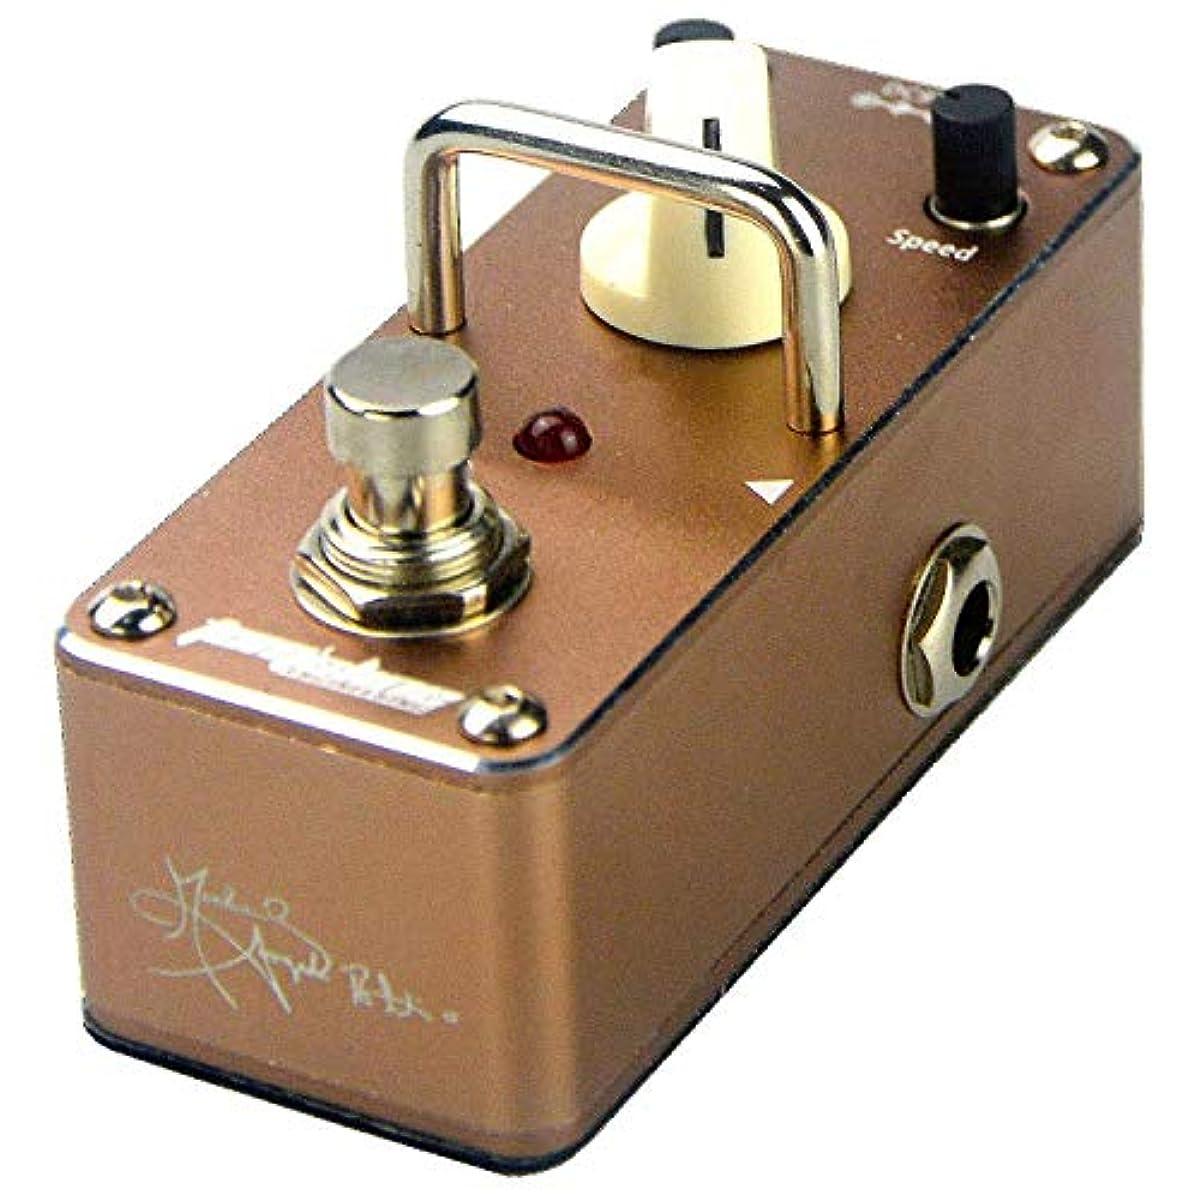 [해외] 아날로그의 코러스 페달 ACH3S 풍부한 사운드 마이클안젤로 안젤로 시그니처 기타 이펙트 페달 로 인해 깊이와 속도가 넓은 범위